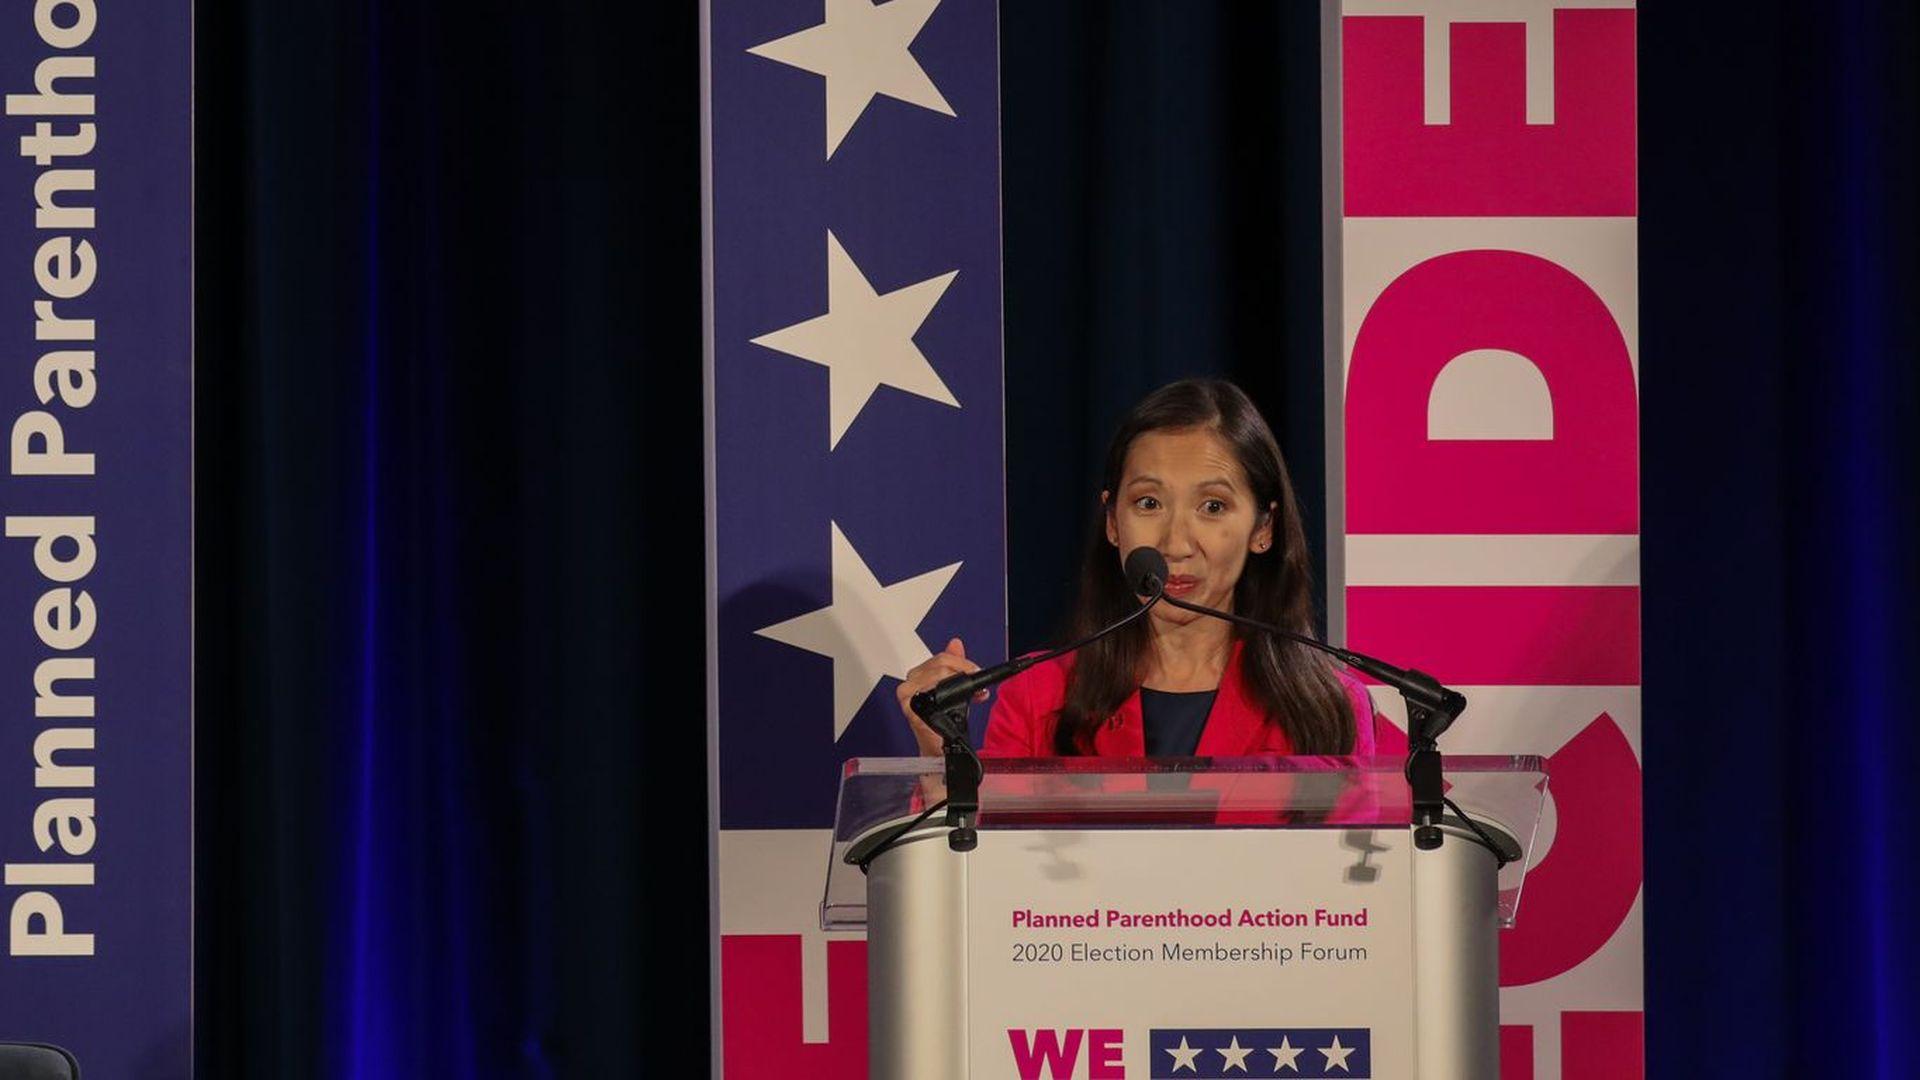 Leana Wen makes a speech